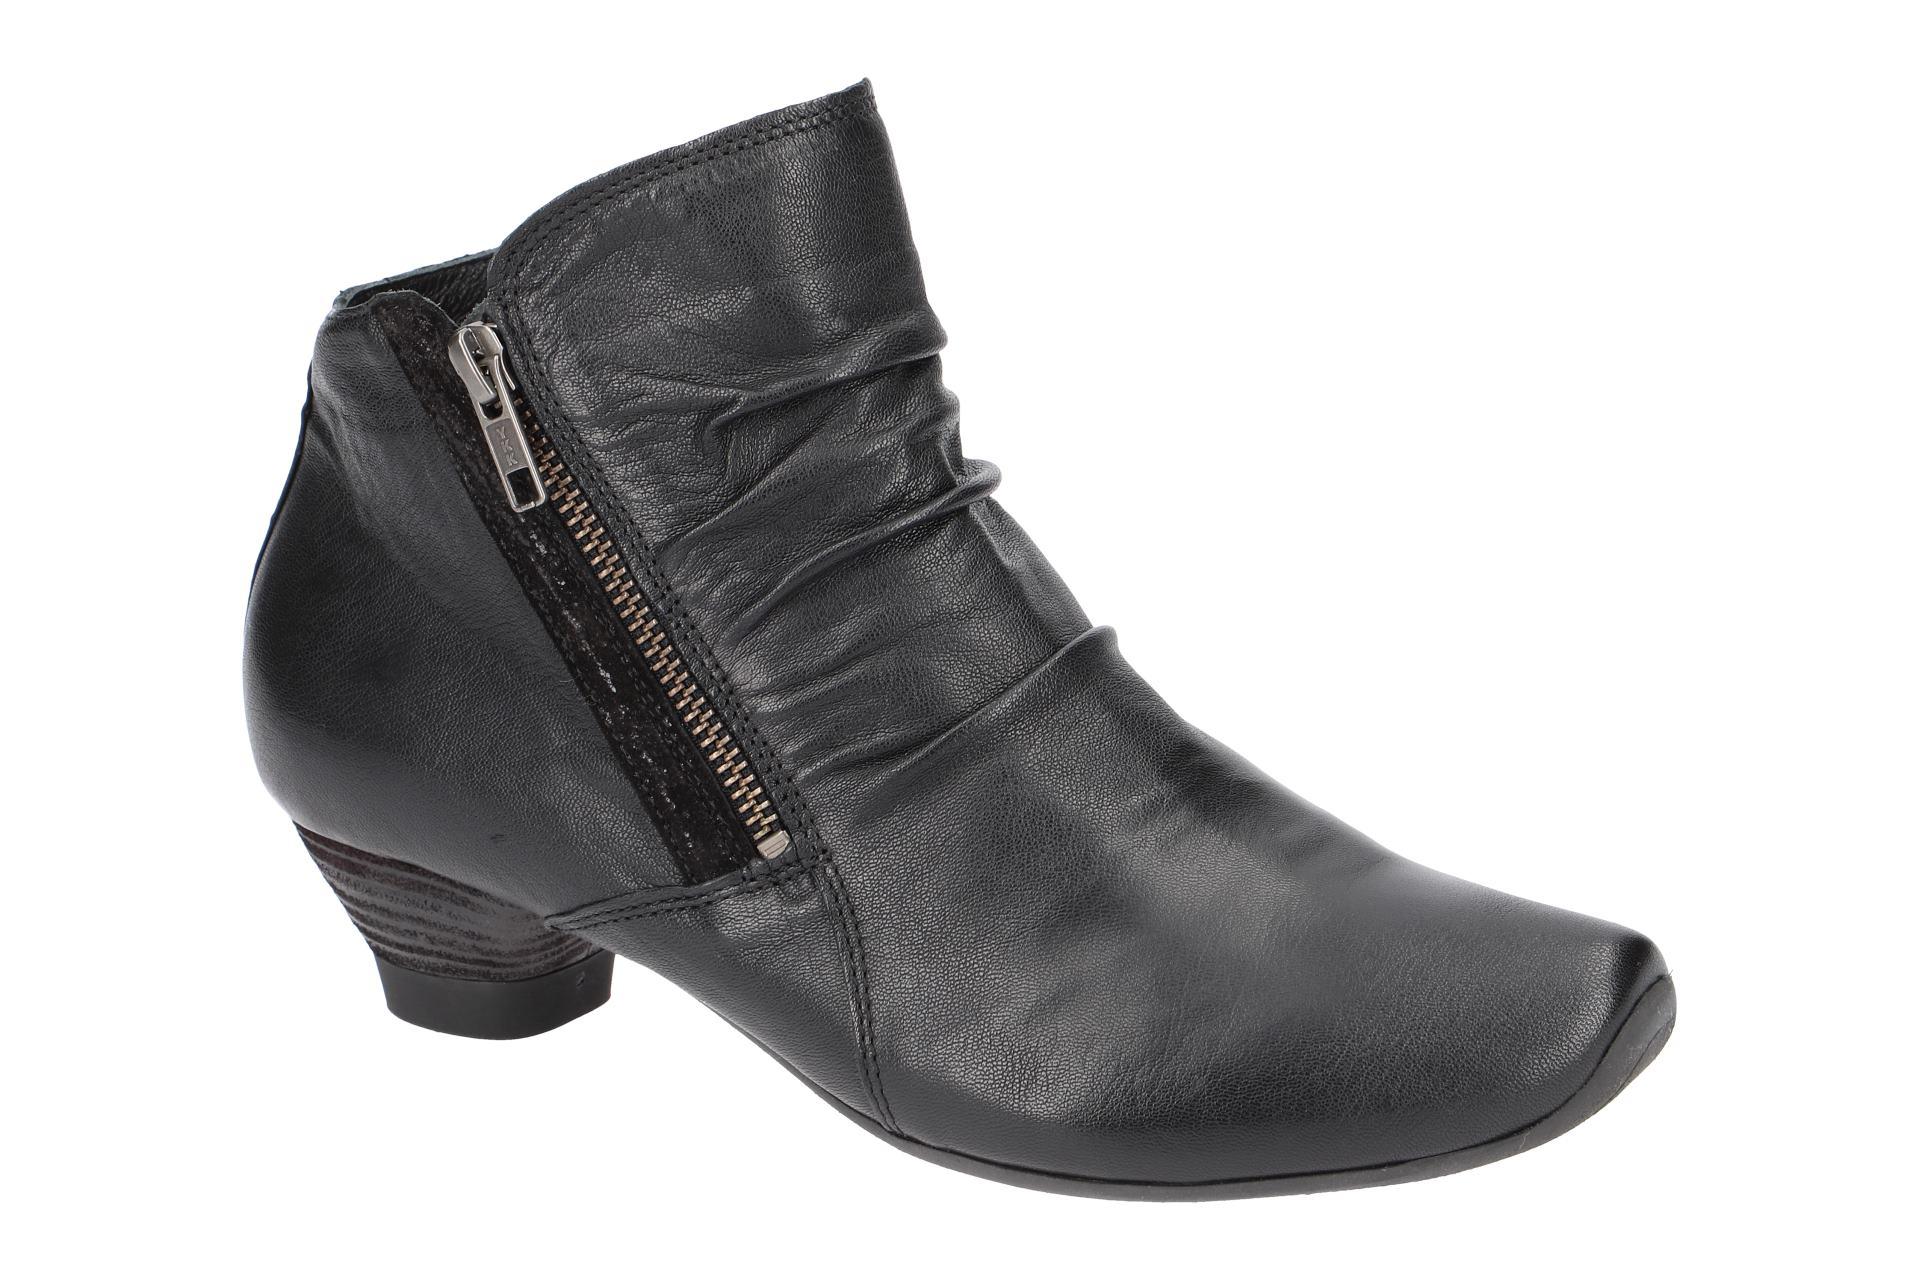 Think Schuhe AIDA schwarz Damen Stiefeletten elegante Stiefelette 3-83267-09 NEU